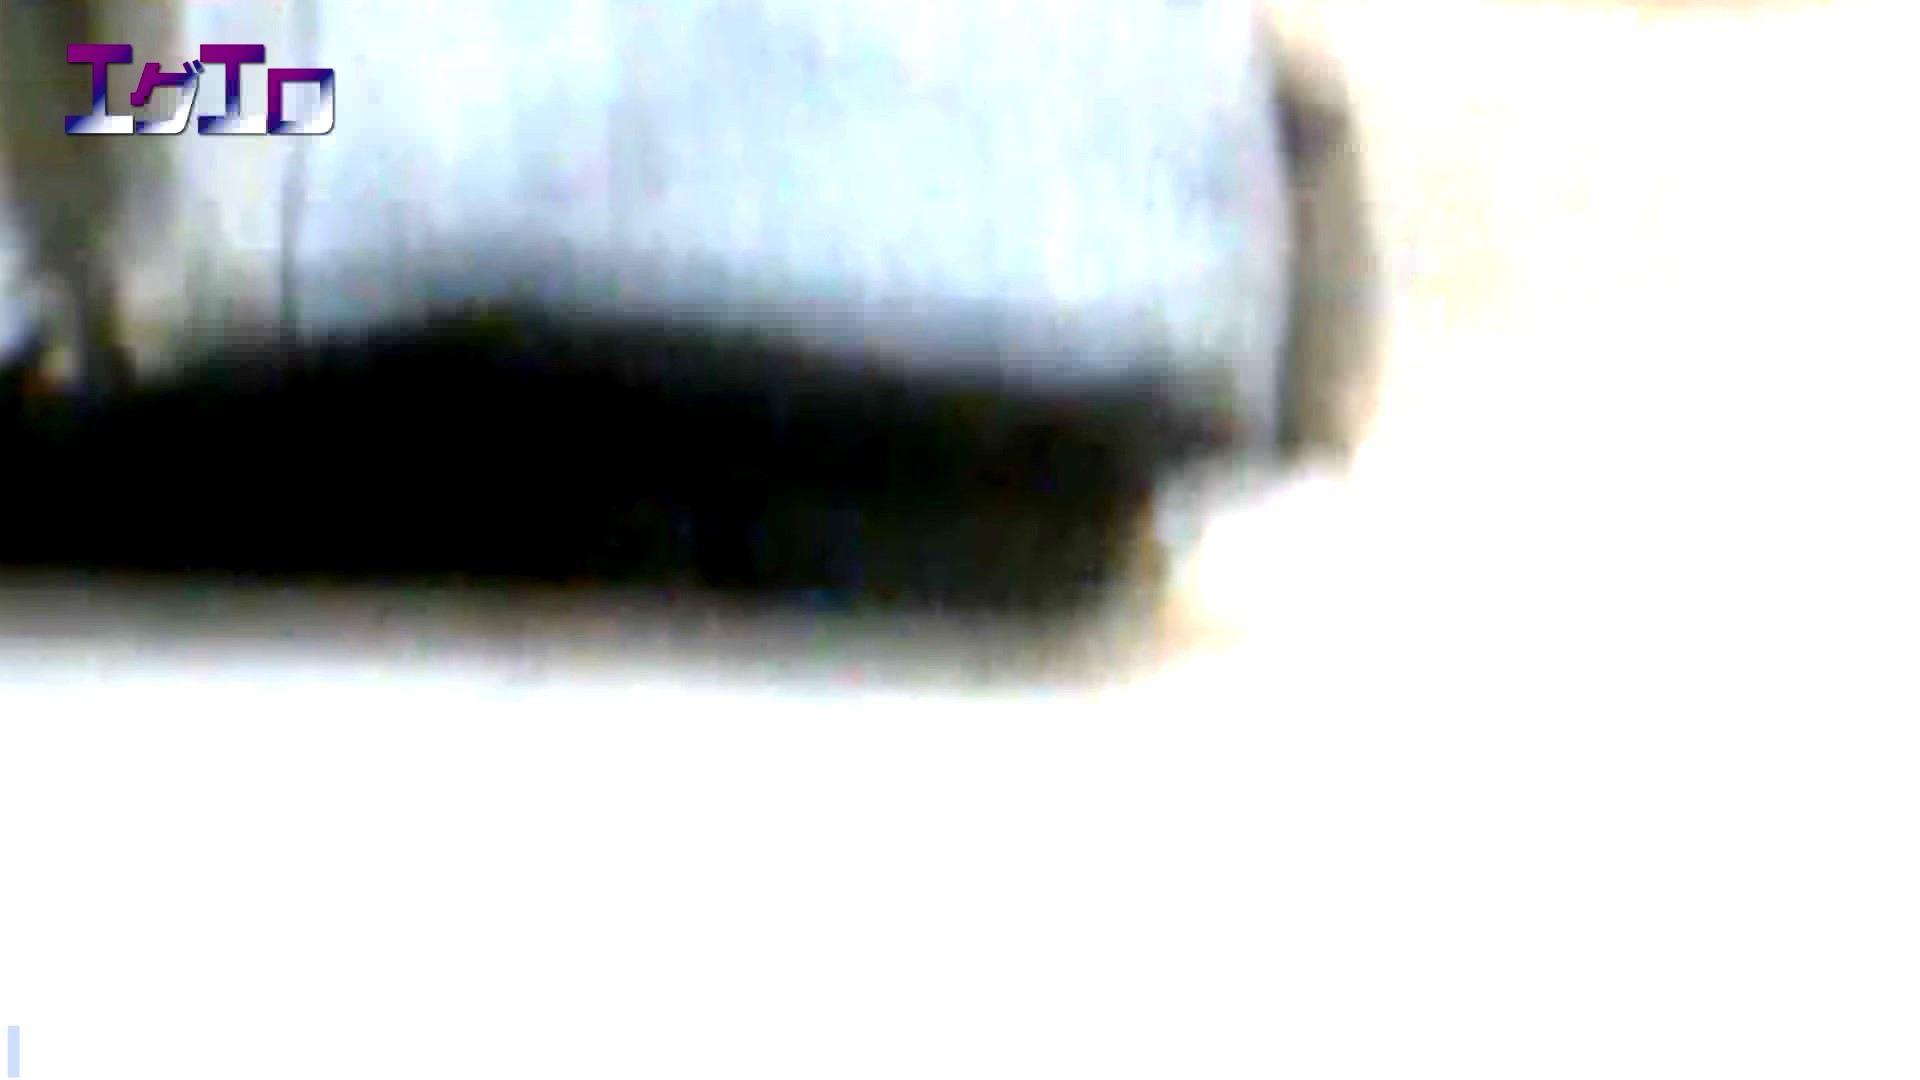 至近距離洗面所 Vol.08 美肌 すけべAV動画紹介 95枚 4